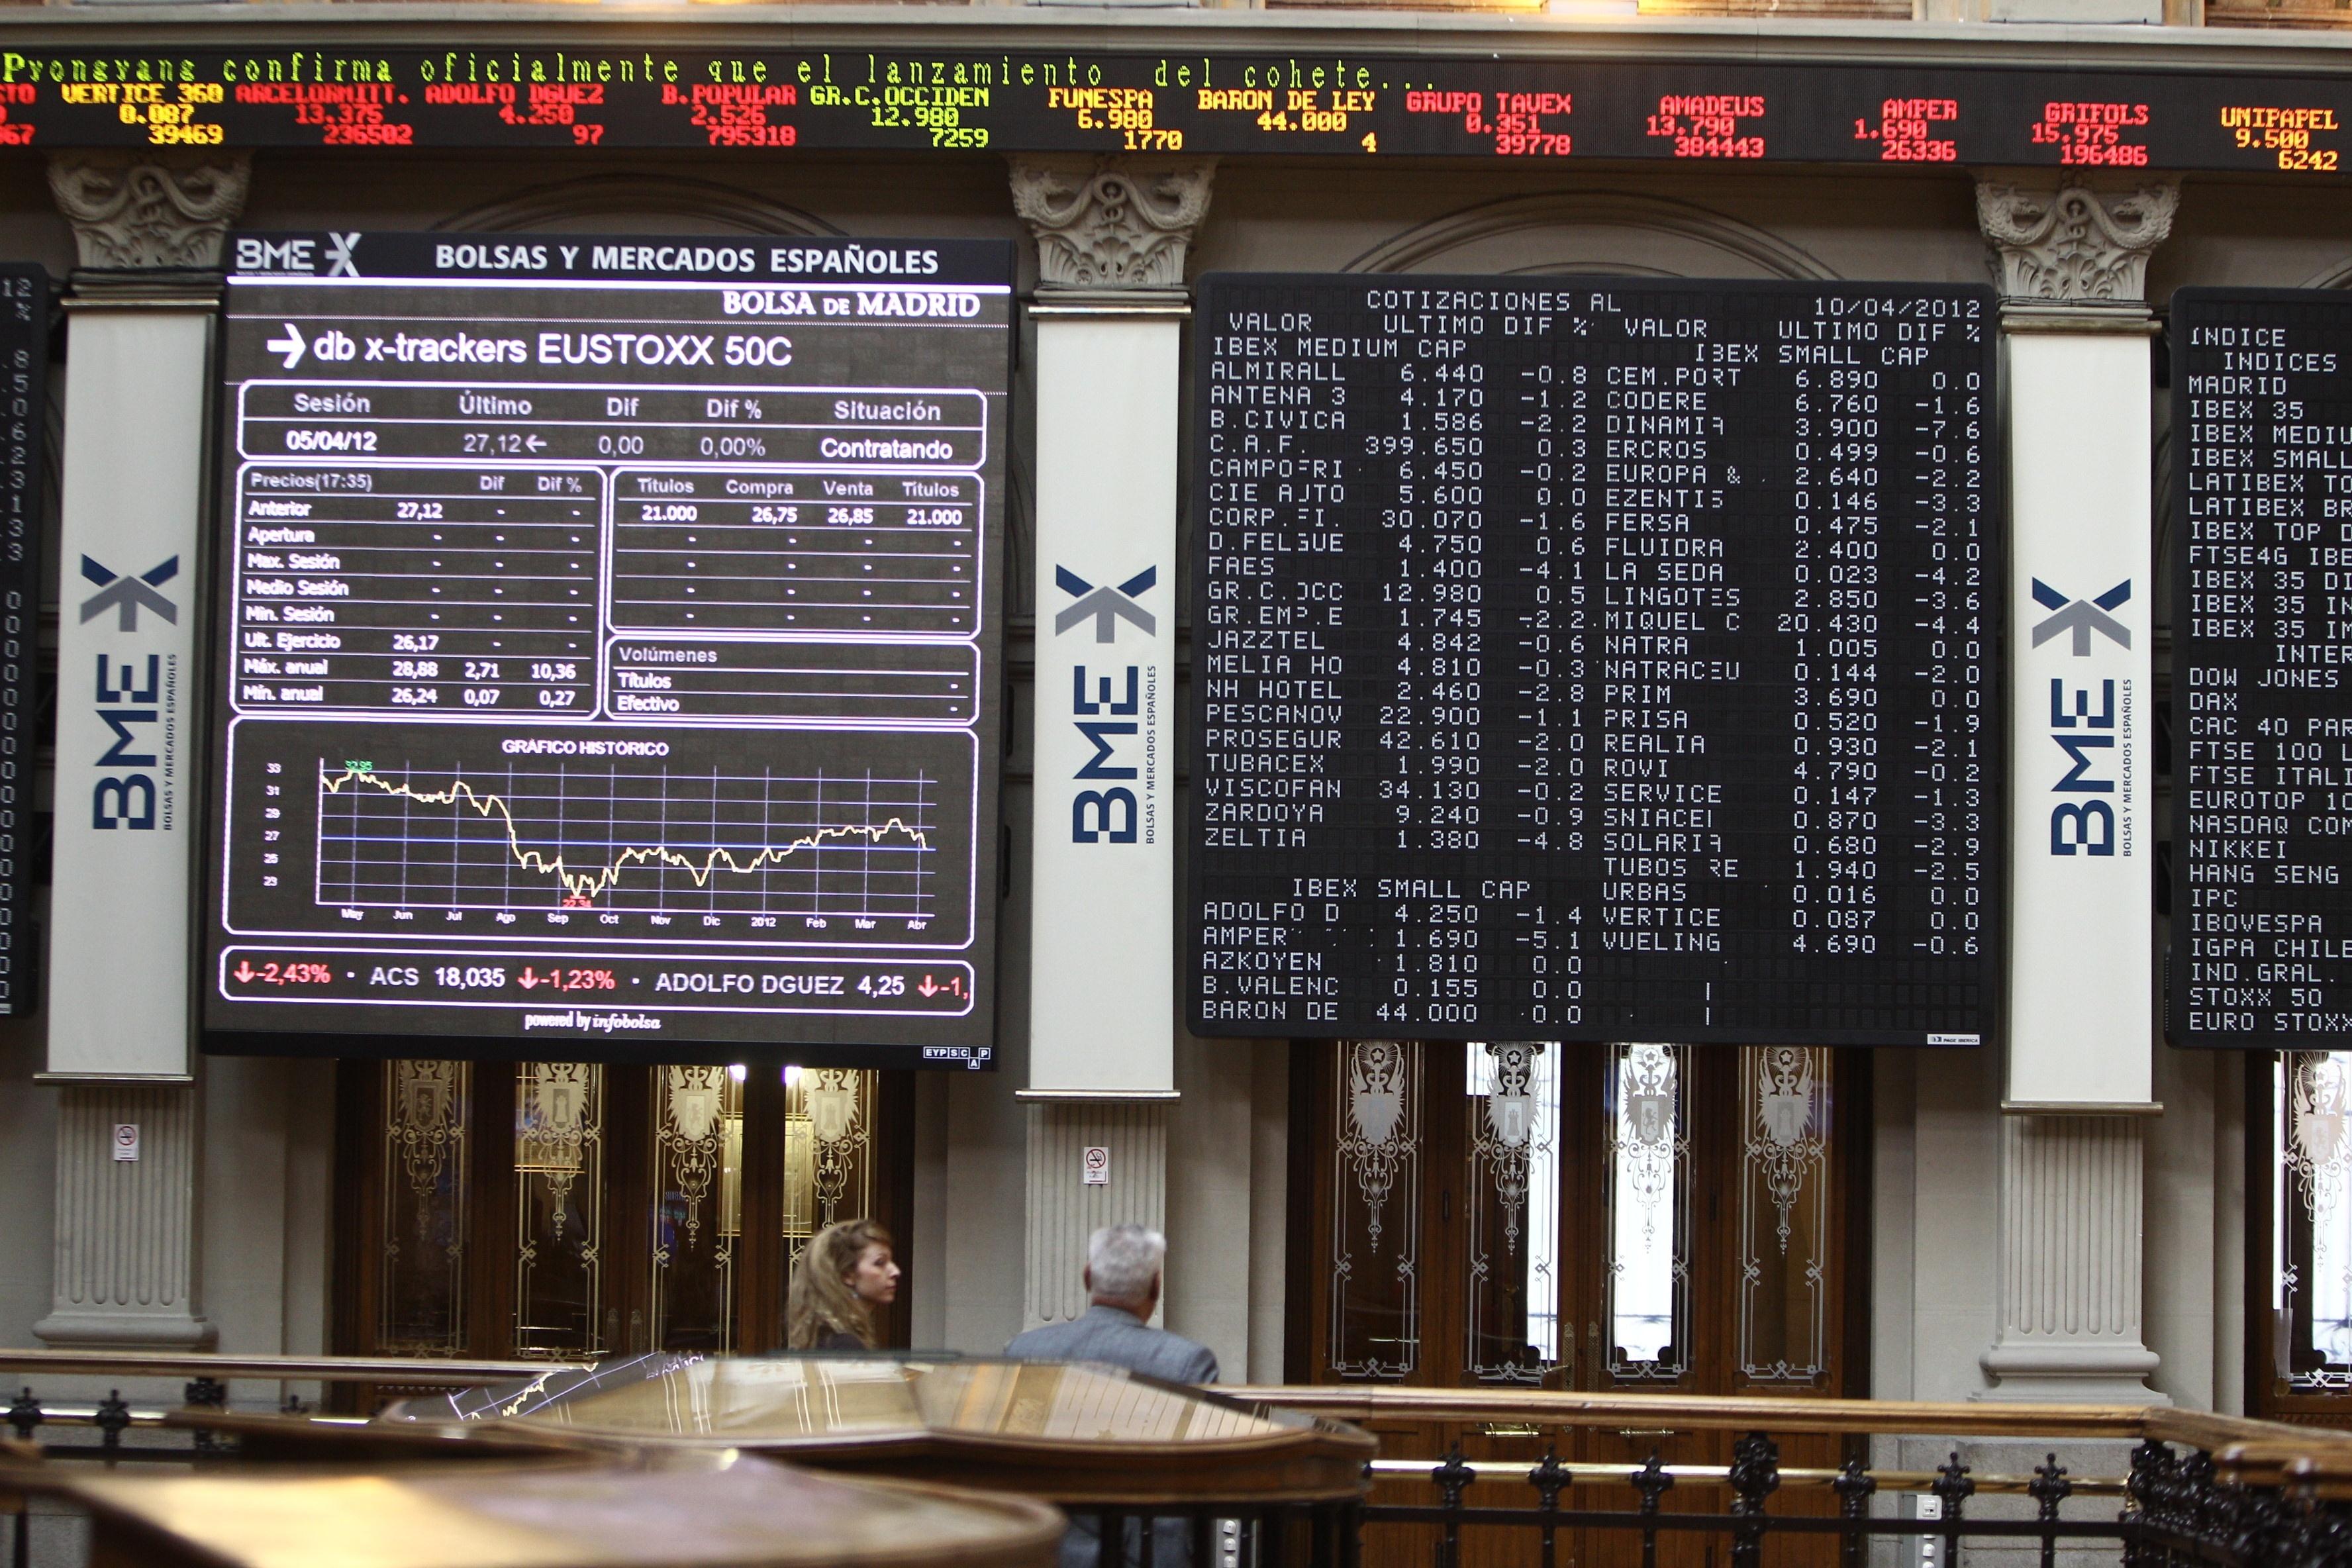 El Ibex se hunde un 2,5% y abandona los 8.500 puntos lastrado por los bancos